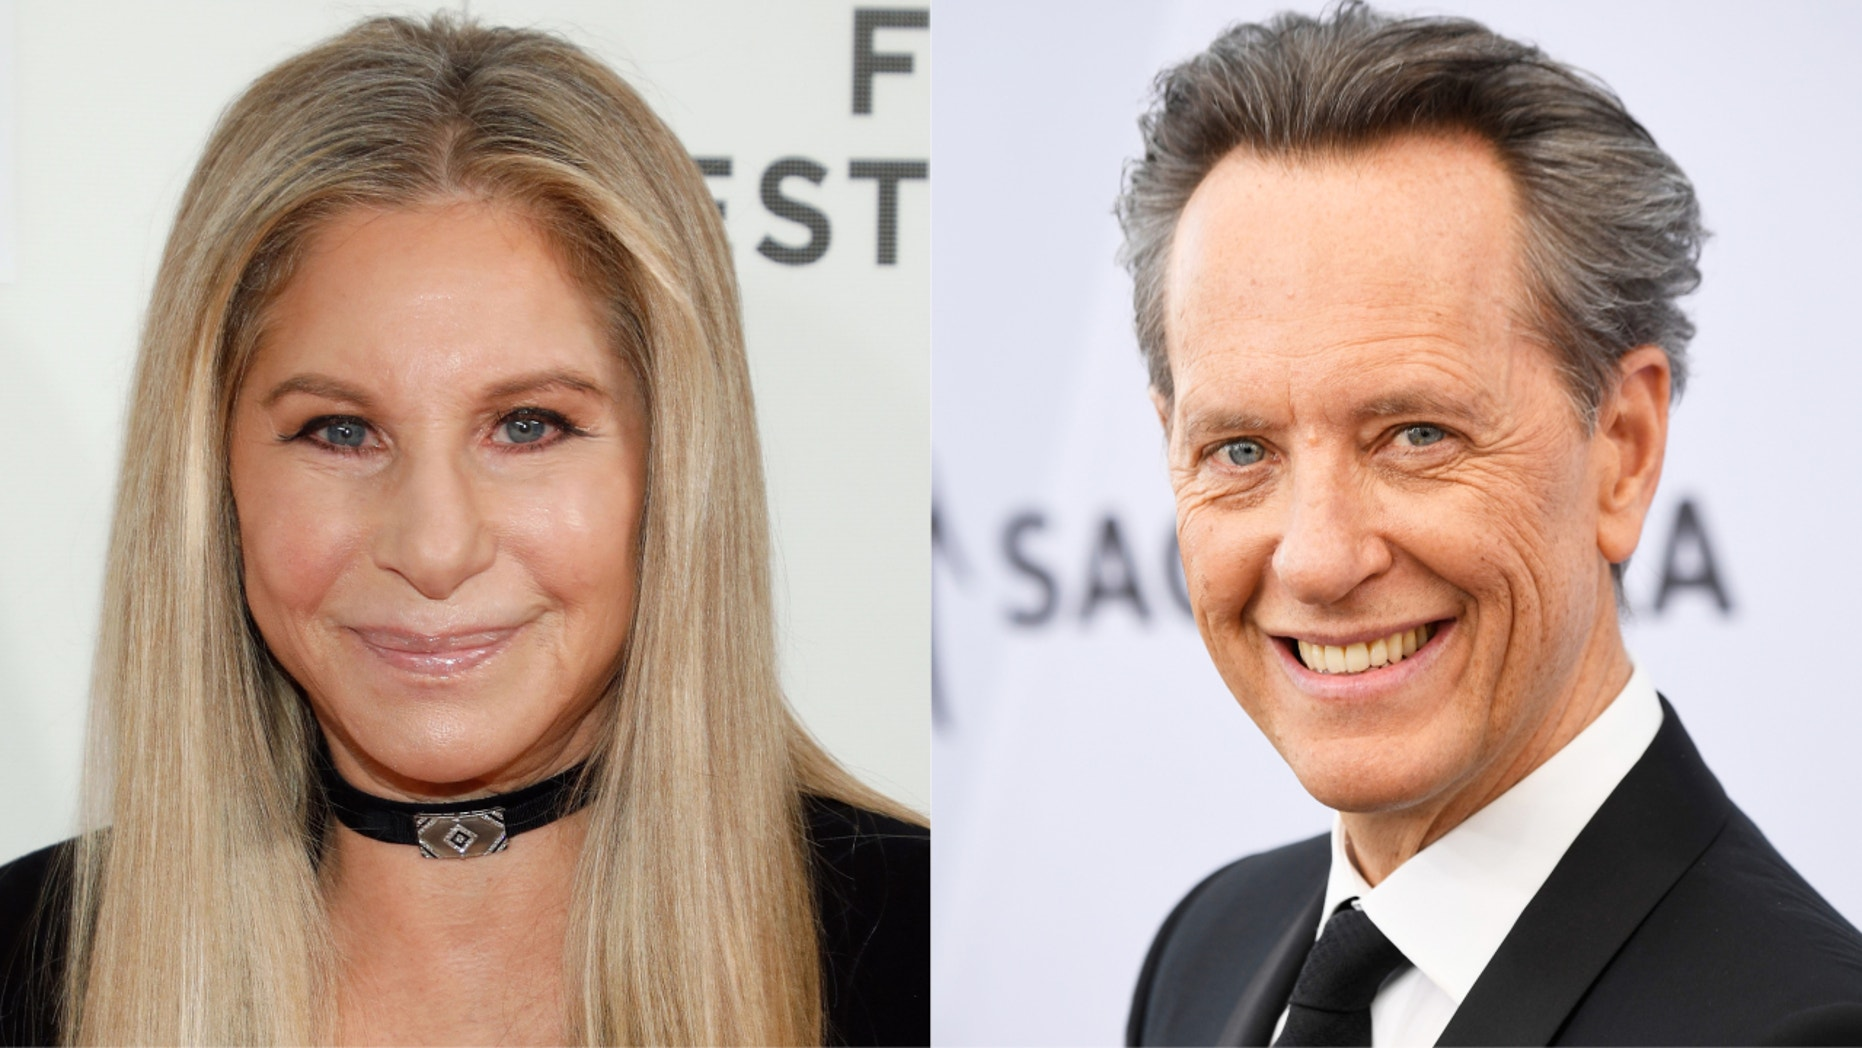 Barbra Streisand and Richard E. Grant